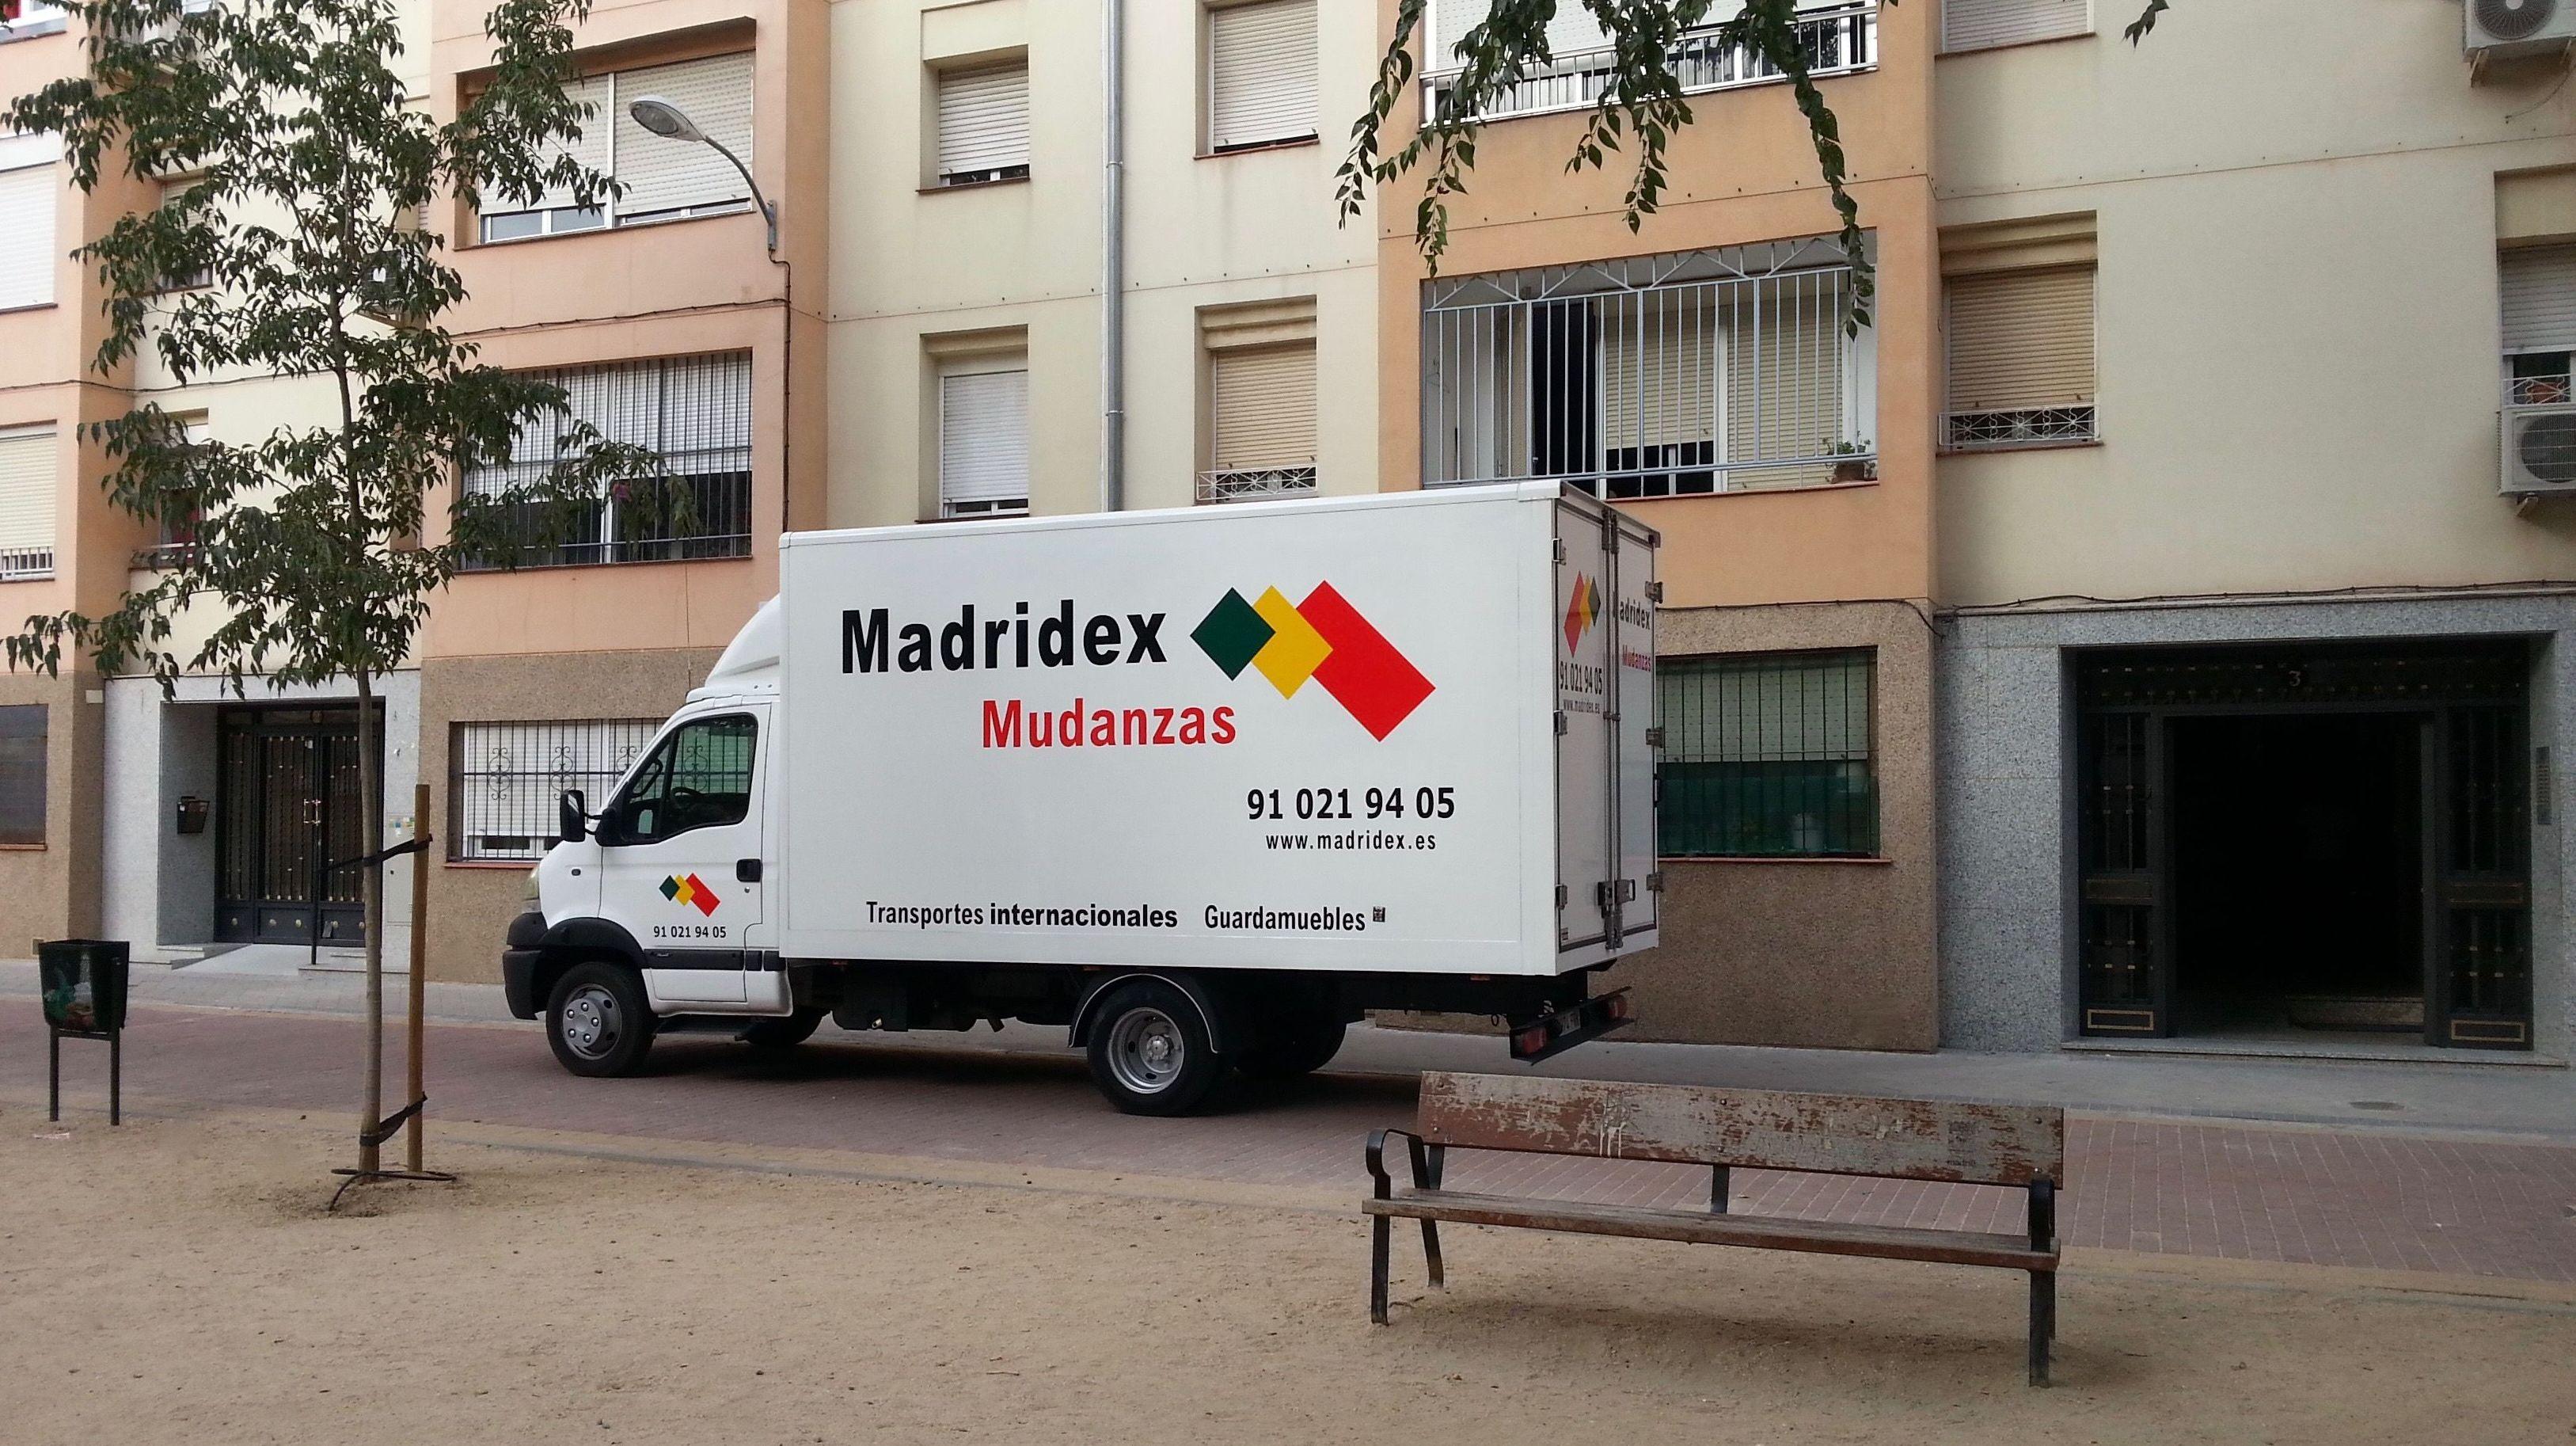 Foto 4 de Mudanzas y guardamuebles en Madrid | Madridex Mudanzas